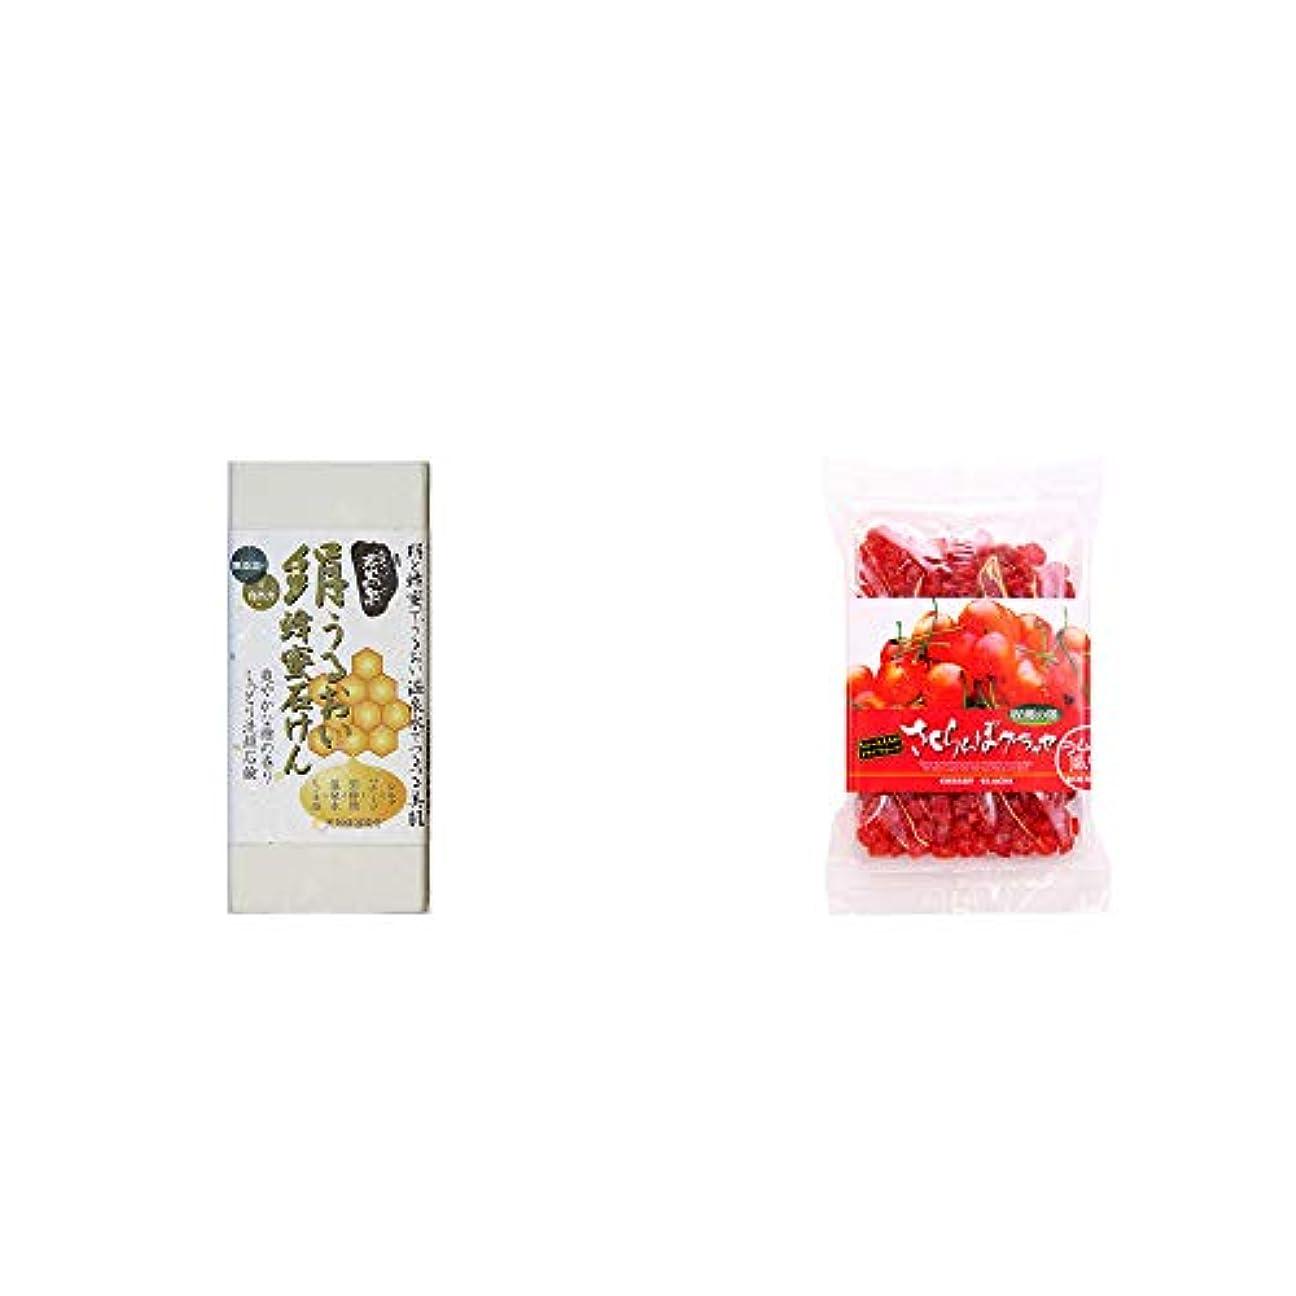 寮必要プリーツ[2点セット] ひのき炭黒泉 絹うるおい蜂蜜石けん(75g×2)?収穫の朝 さくらんぼグラッセ ラム酒風味(180g)